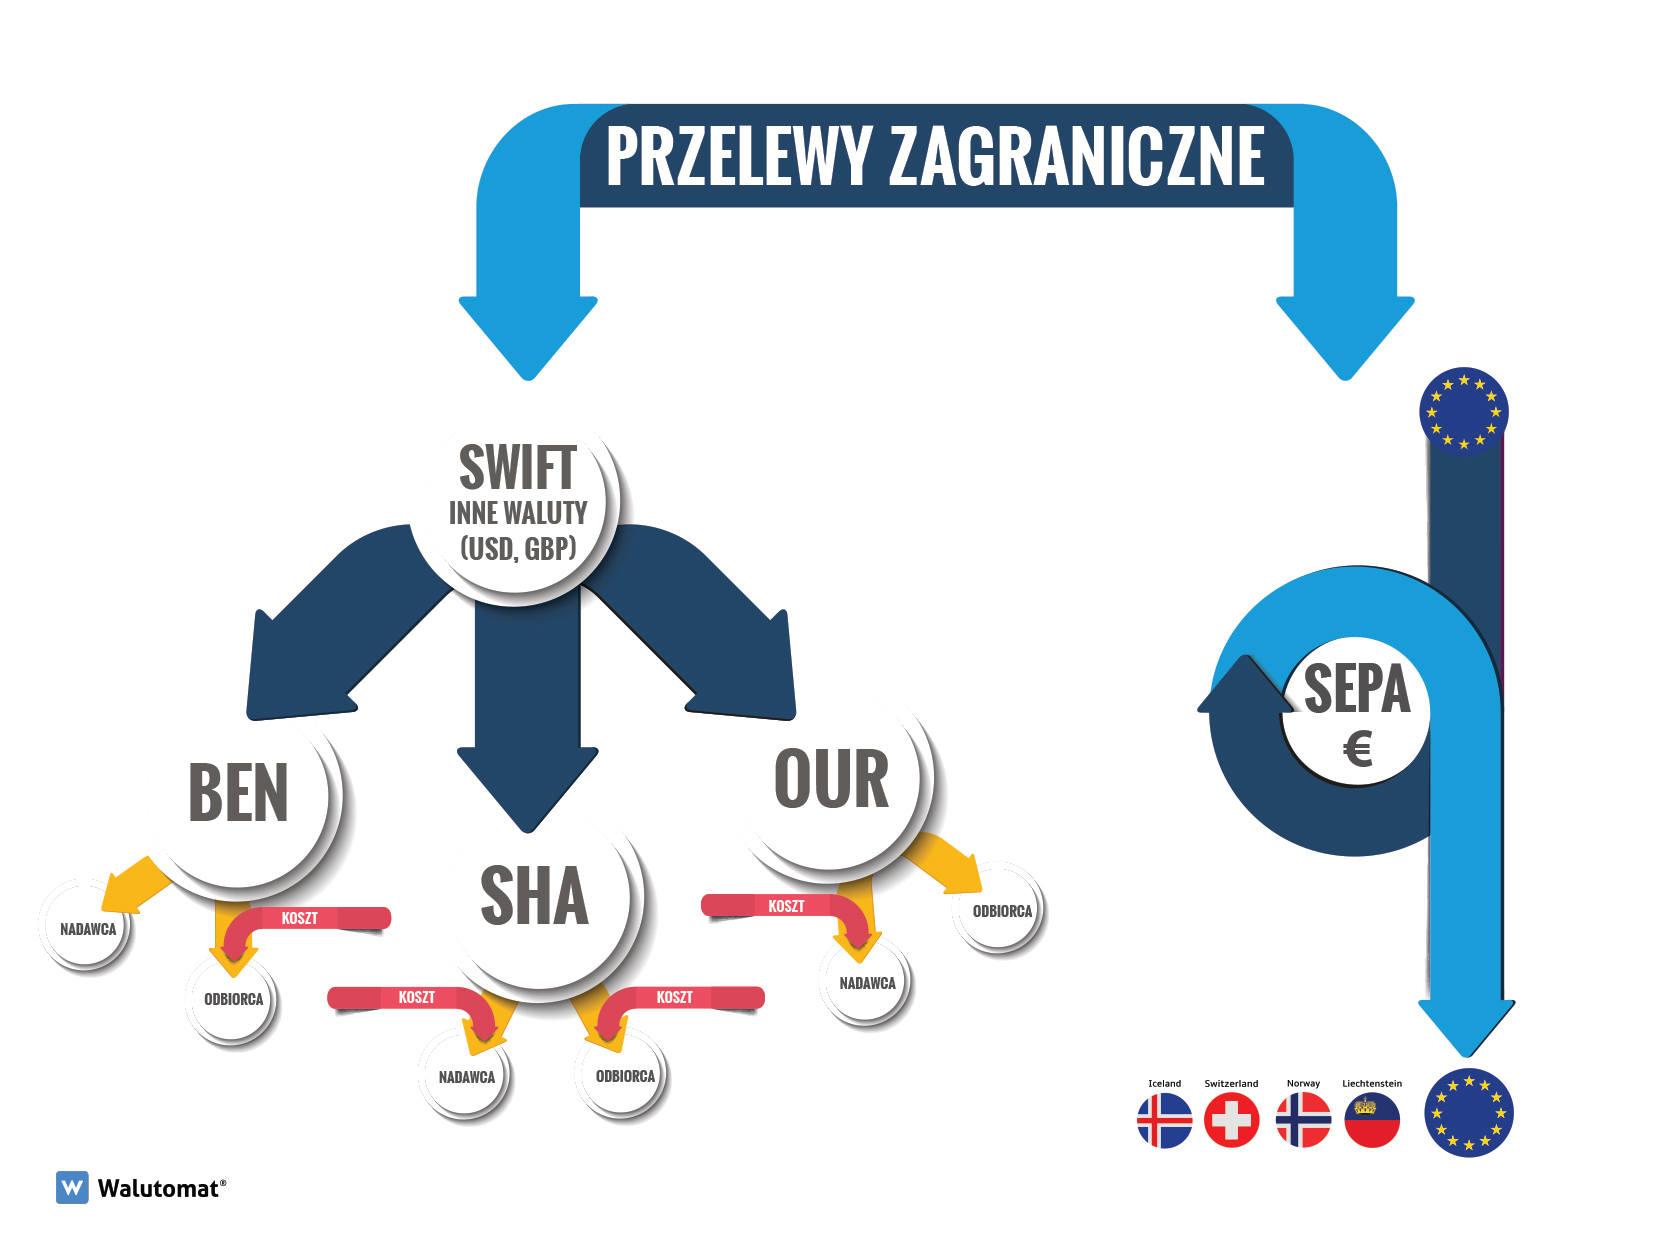 Przelewy zagraniczne typu SEPA i SWIFT